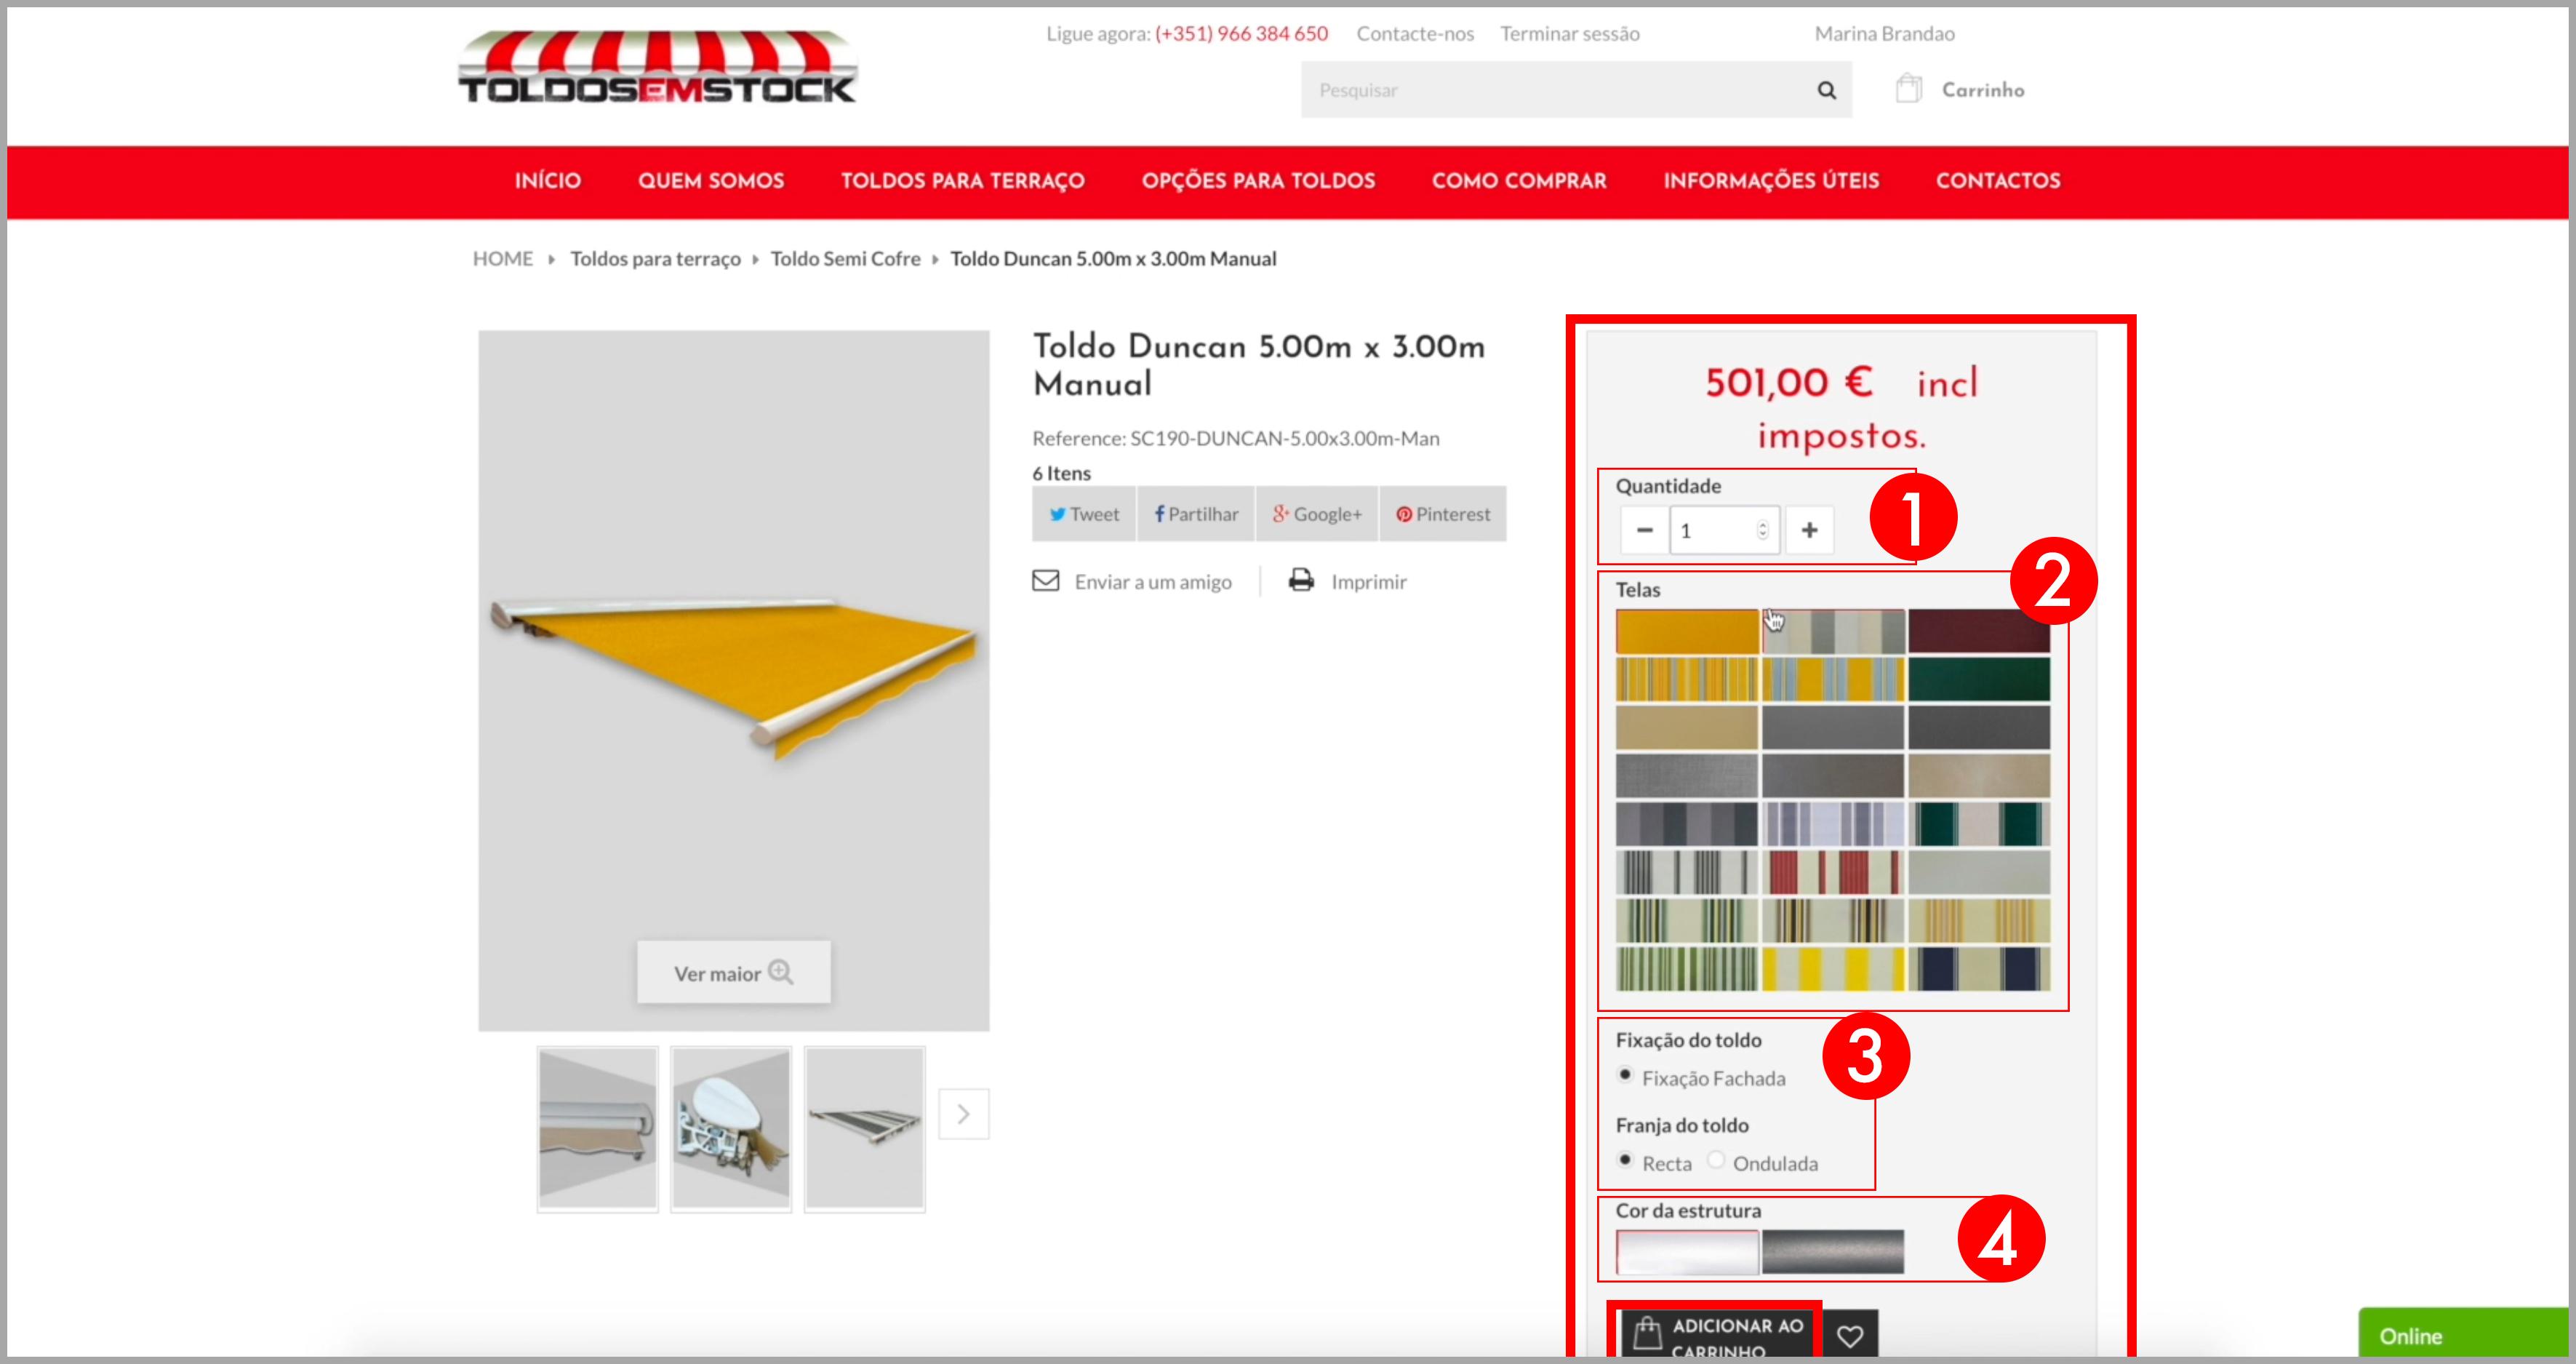 comprar online toldos